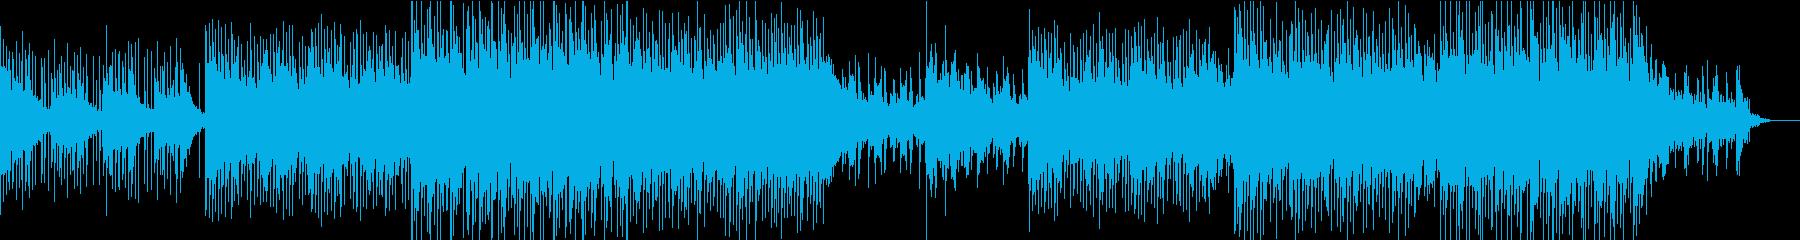 クールなコーポレート系BGMの再生済みの波形